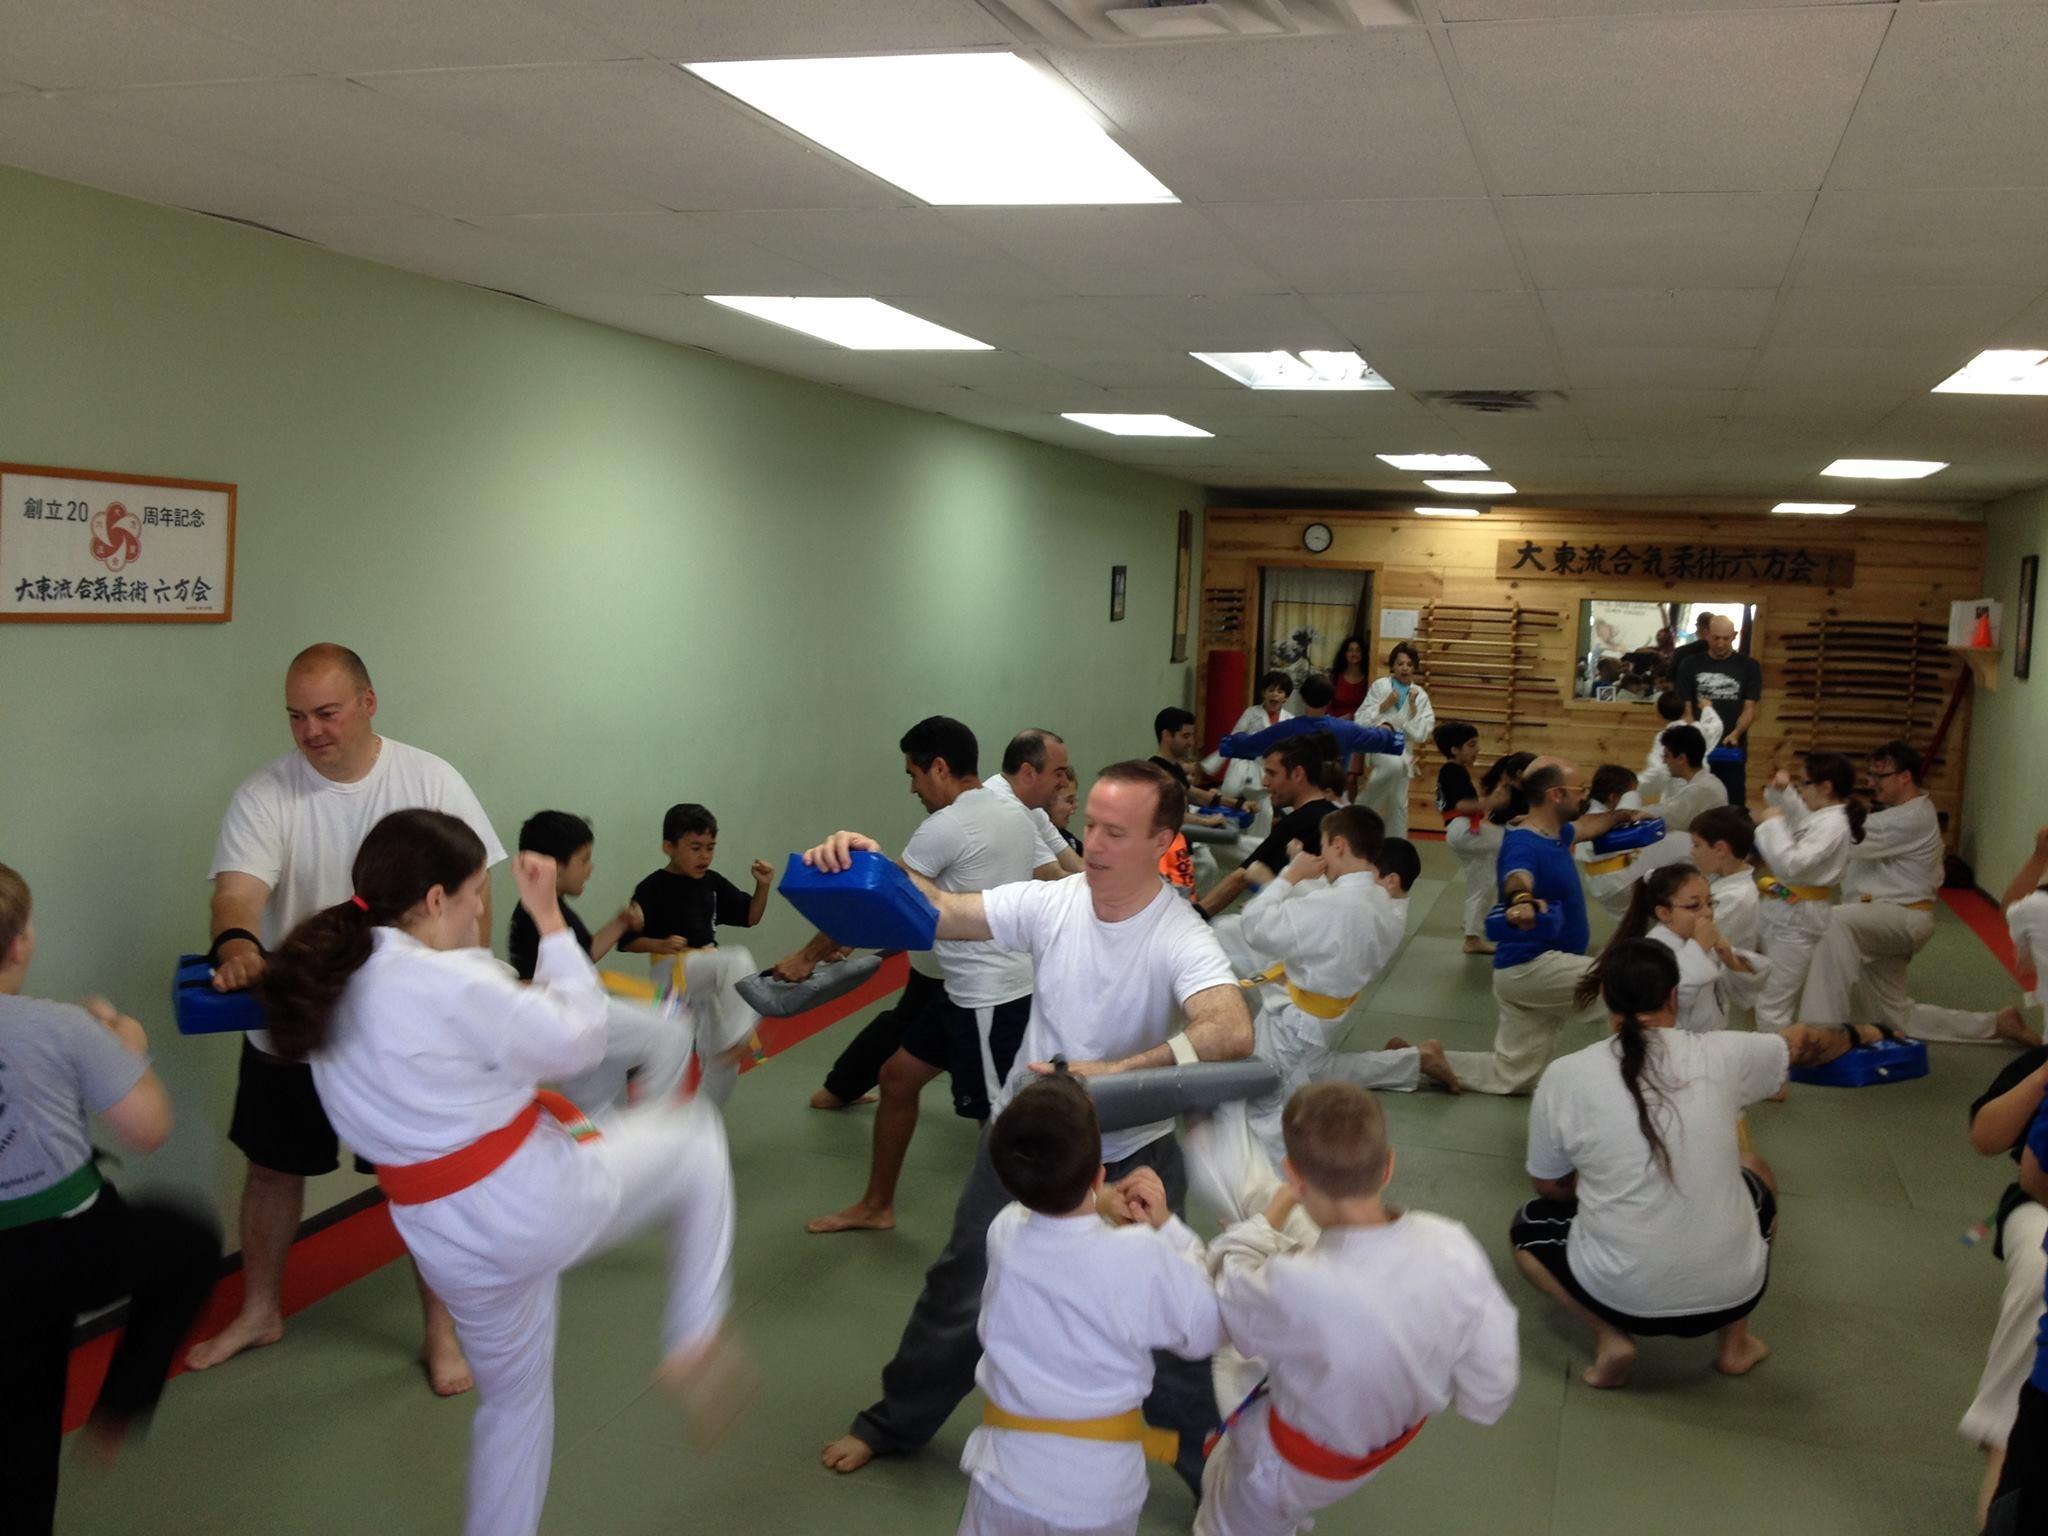 Popkin-Brogna Jujitsu Center image 15